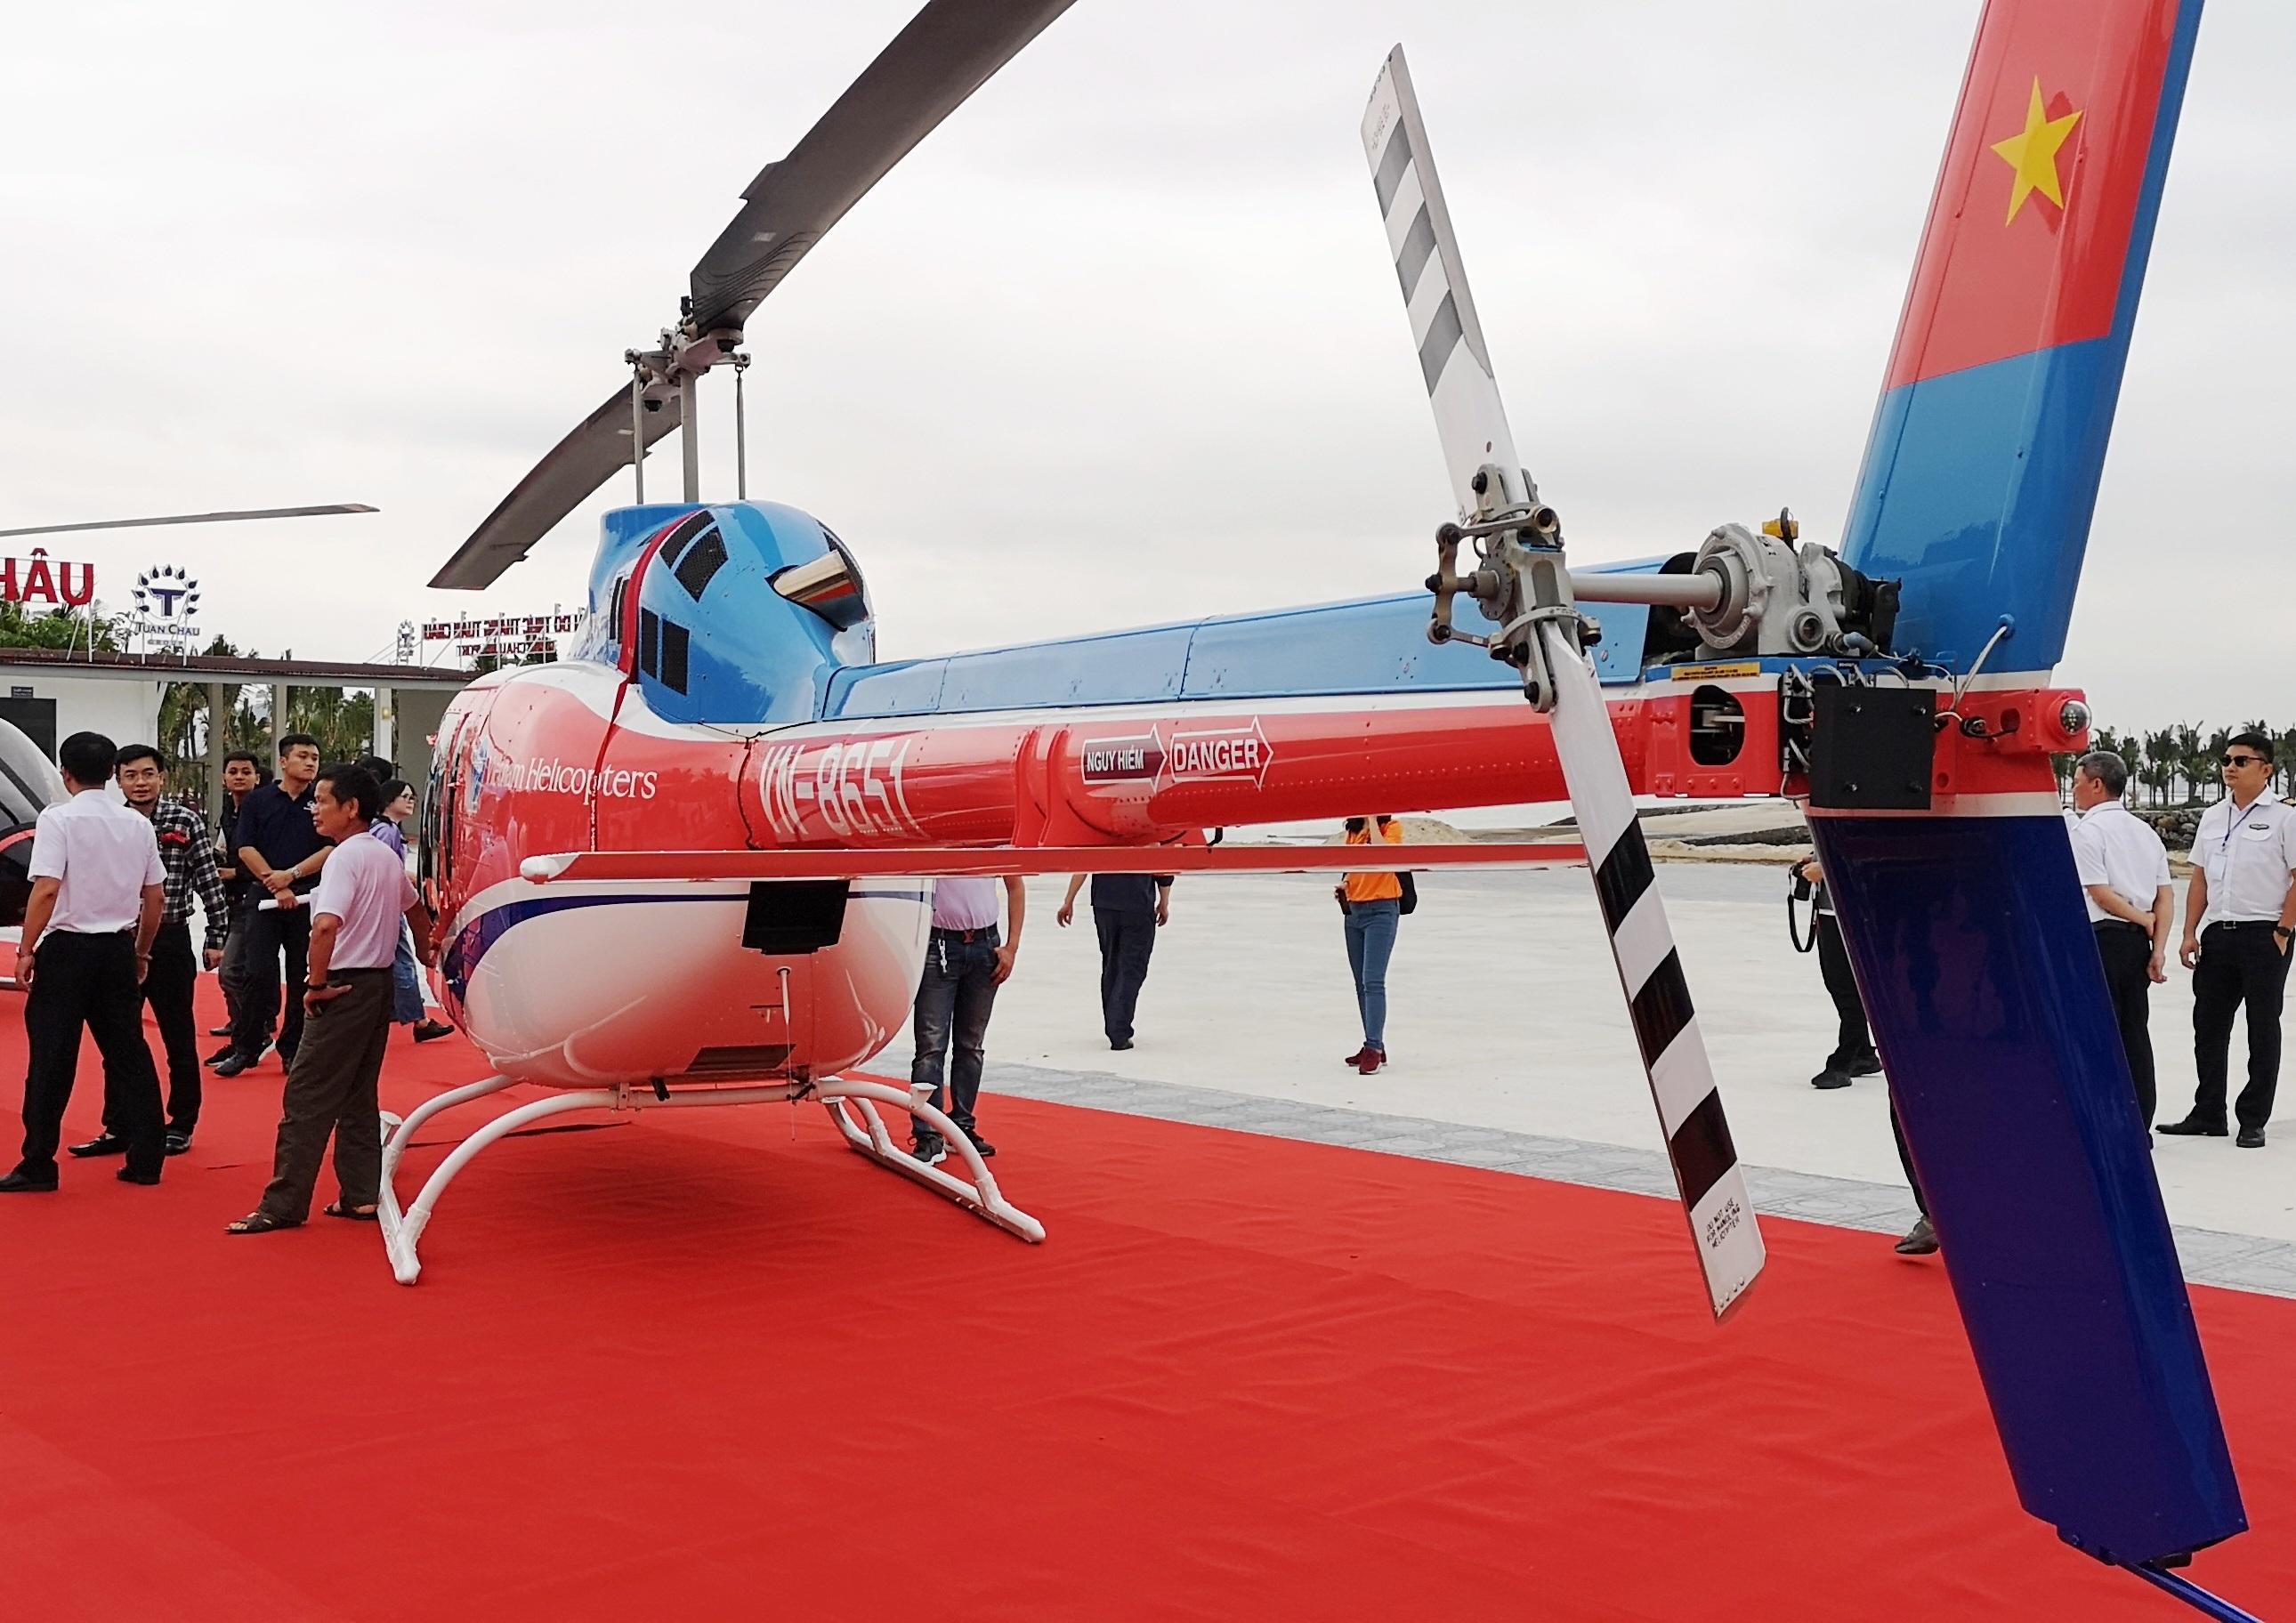 Ra mắt dịch vụ đặt chuyến bay ngắm cảnh bằng trực thăng tại vịnh Hạ Long - 5